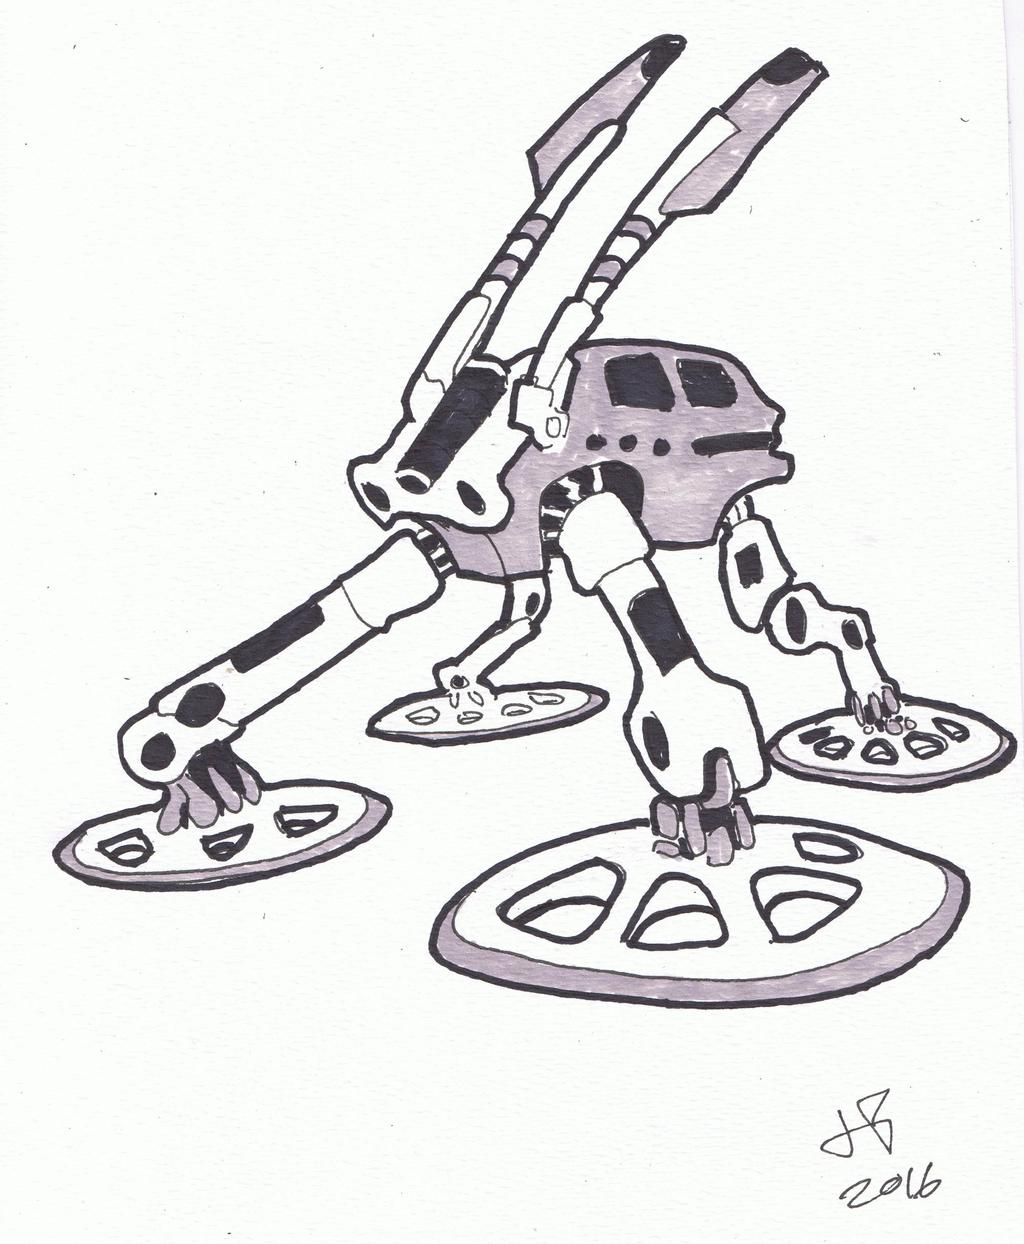 Ink and Marker Robot Illustration 23